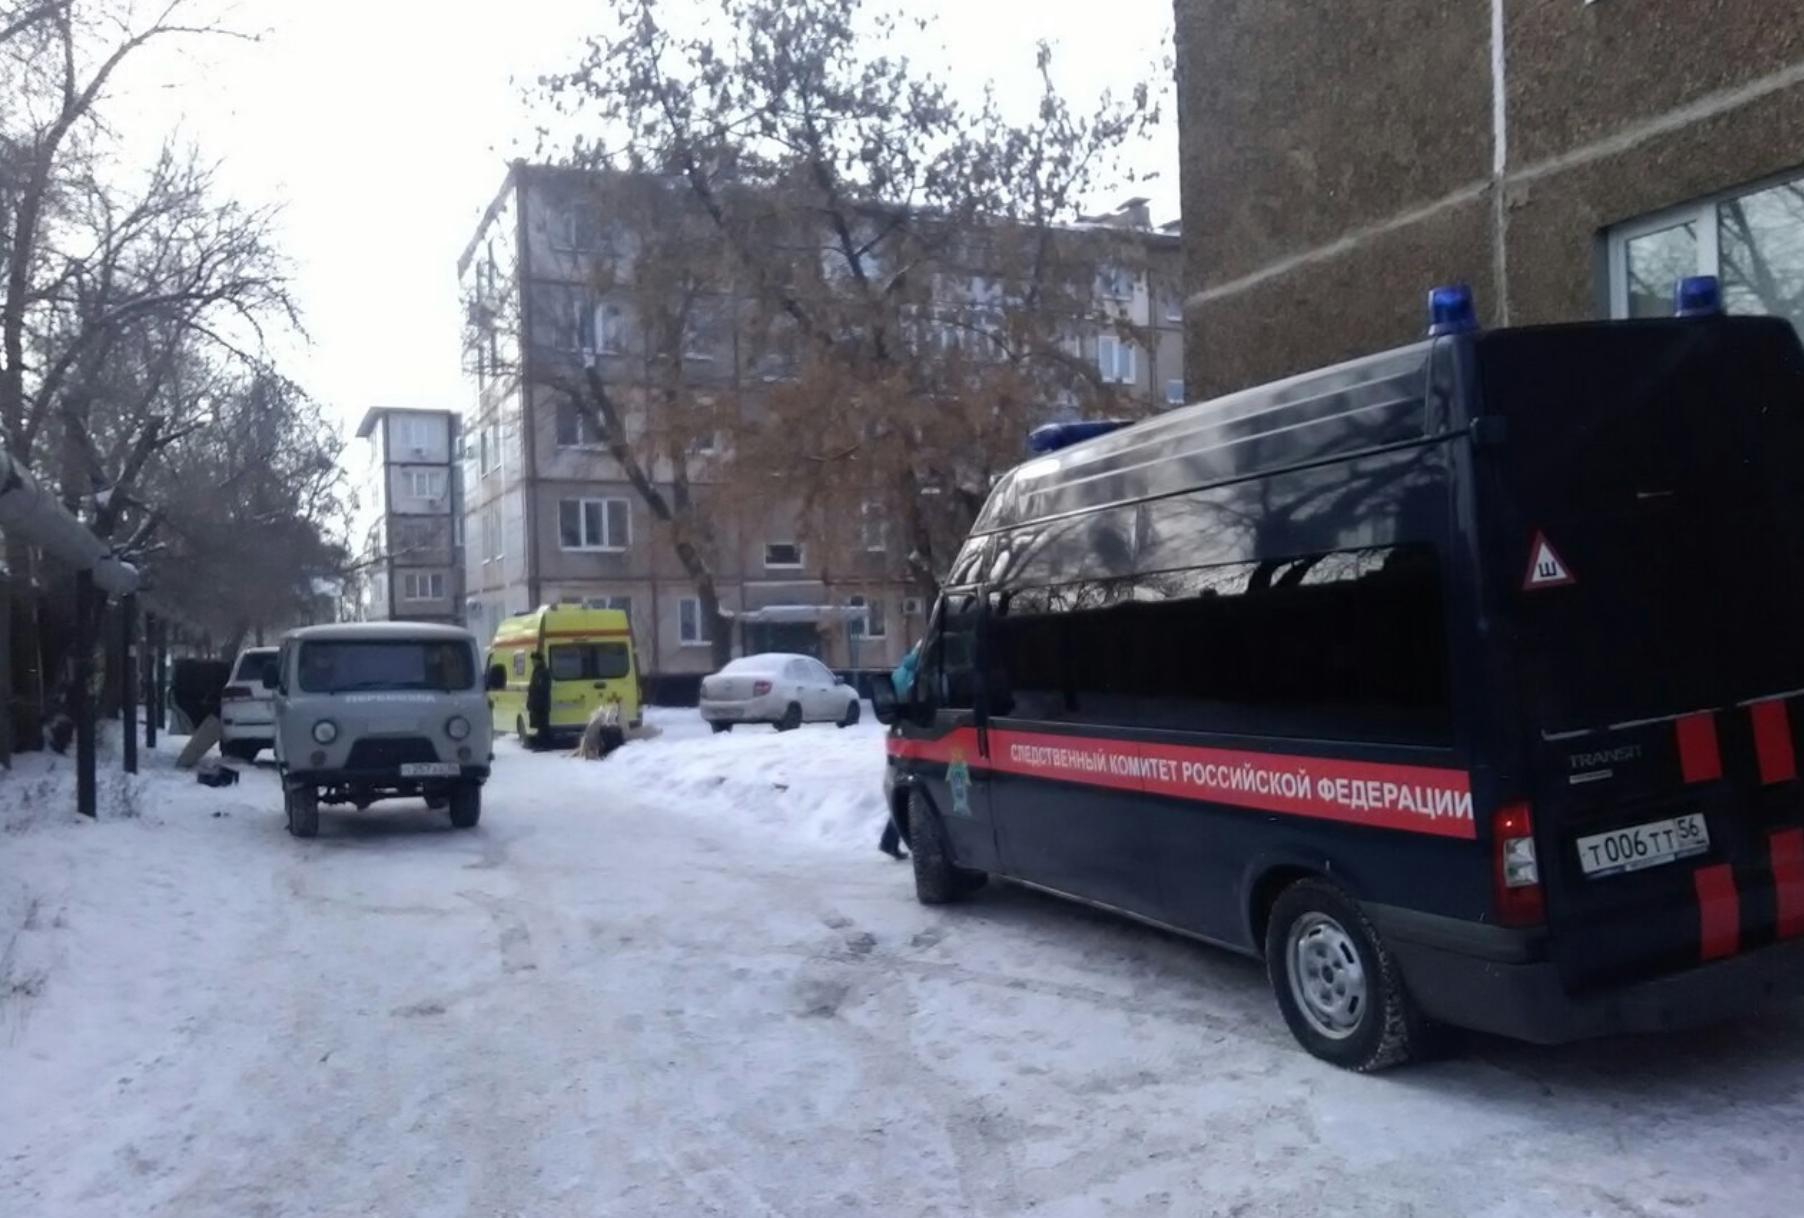 Фото с места убийства бизнесмена Дениса Чернова в Оренбурге. Фото © RIA56.RU